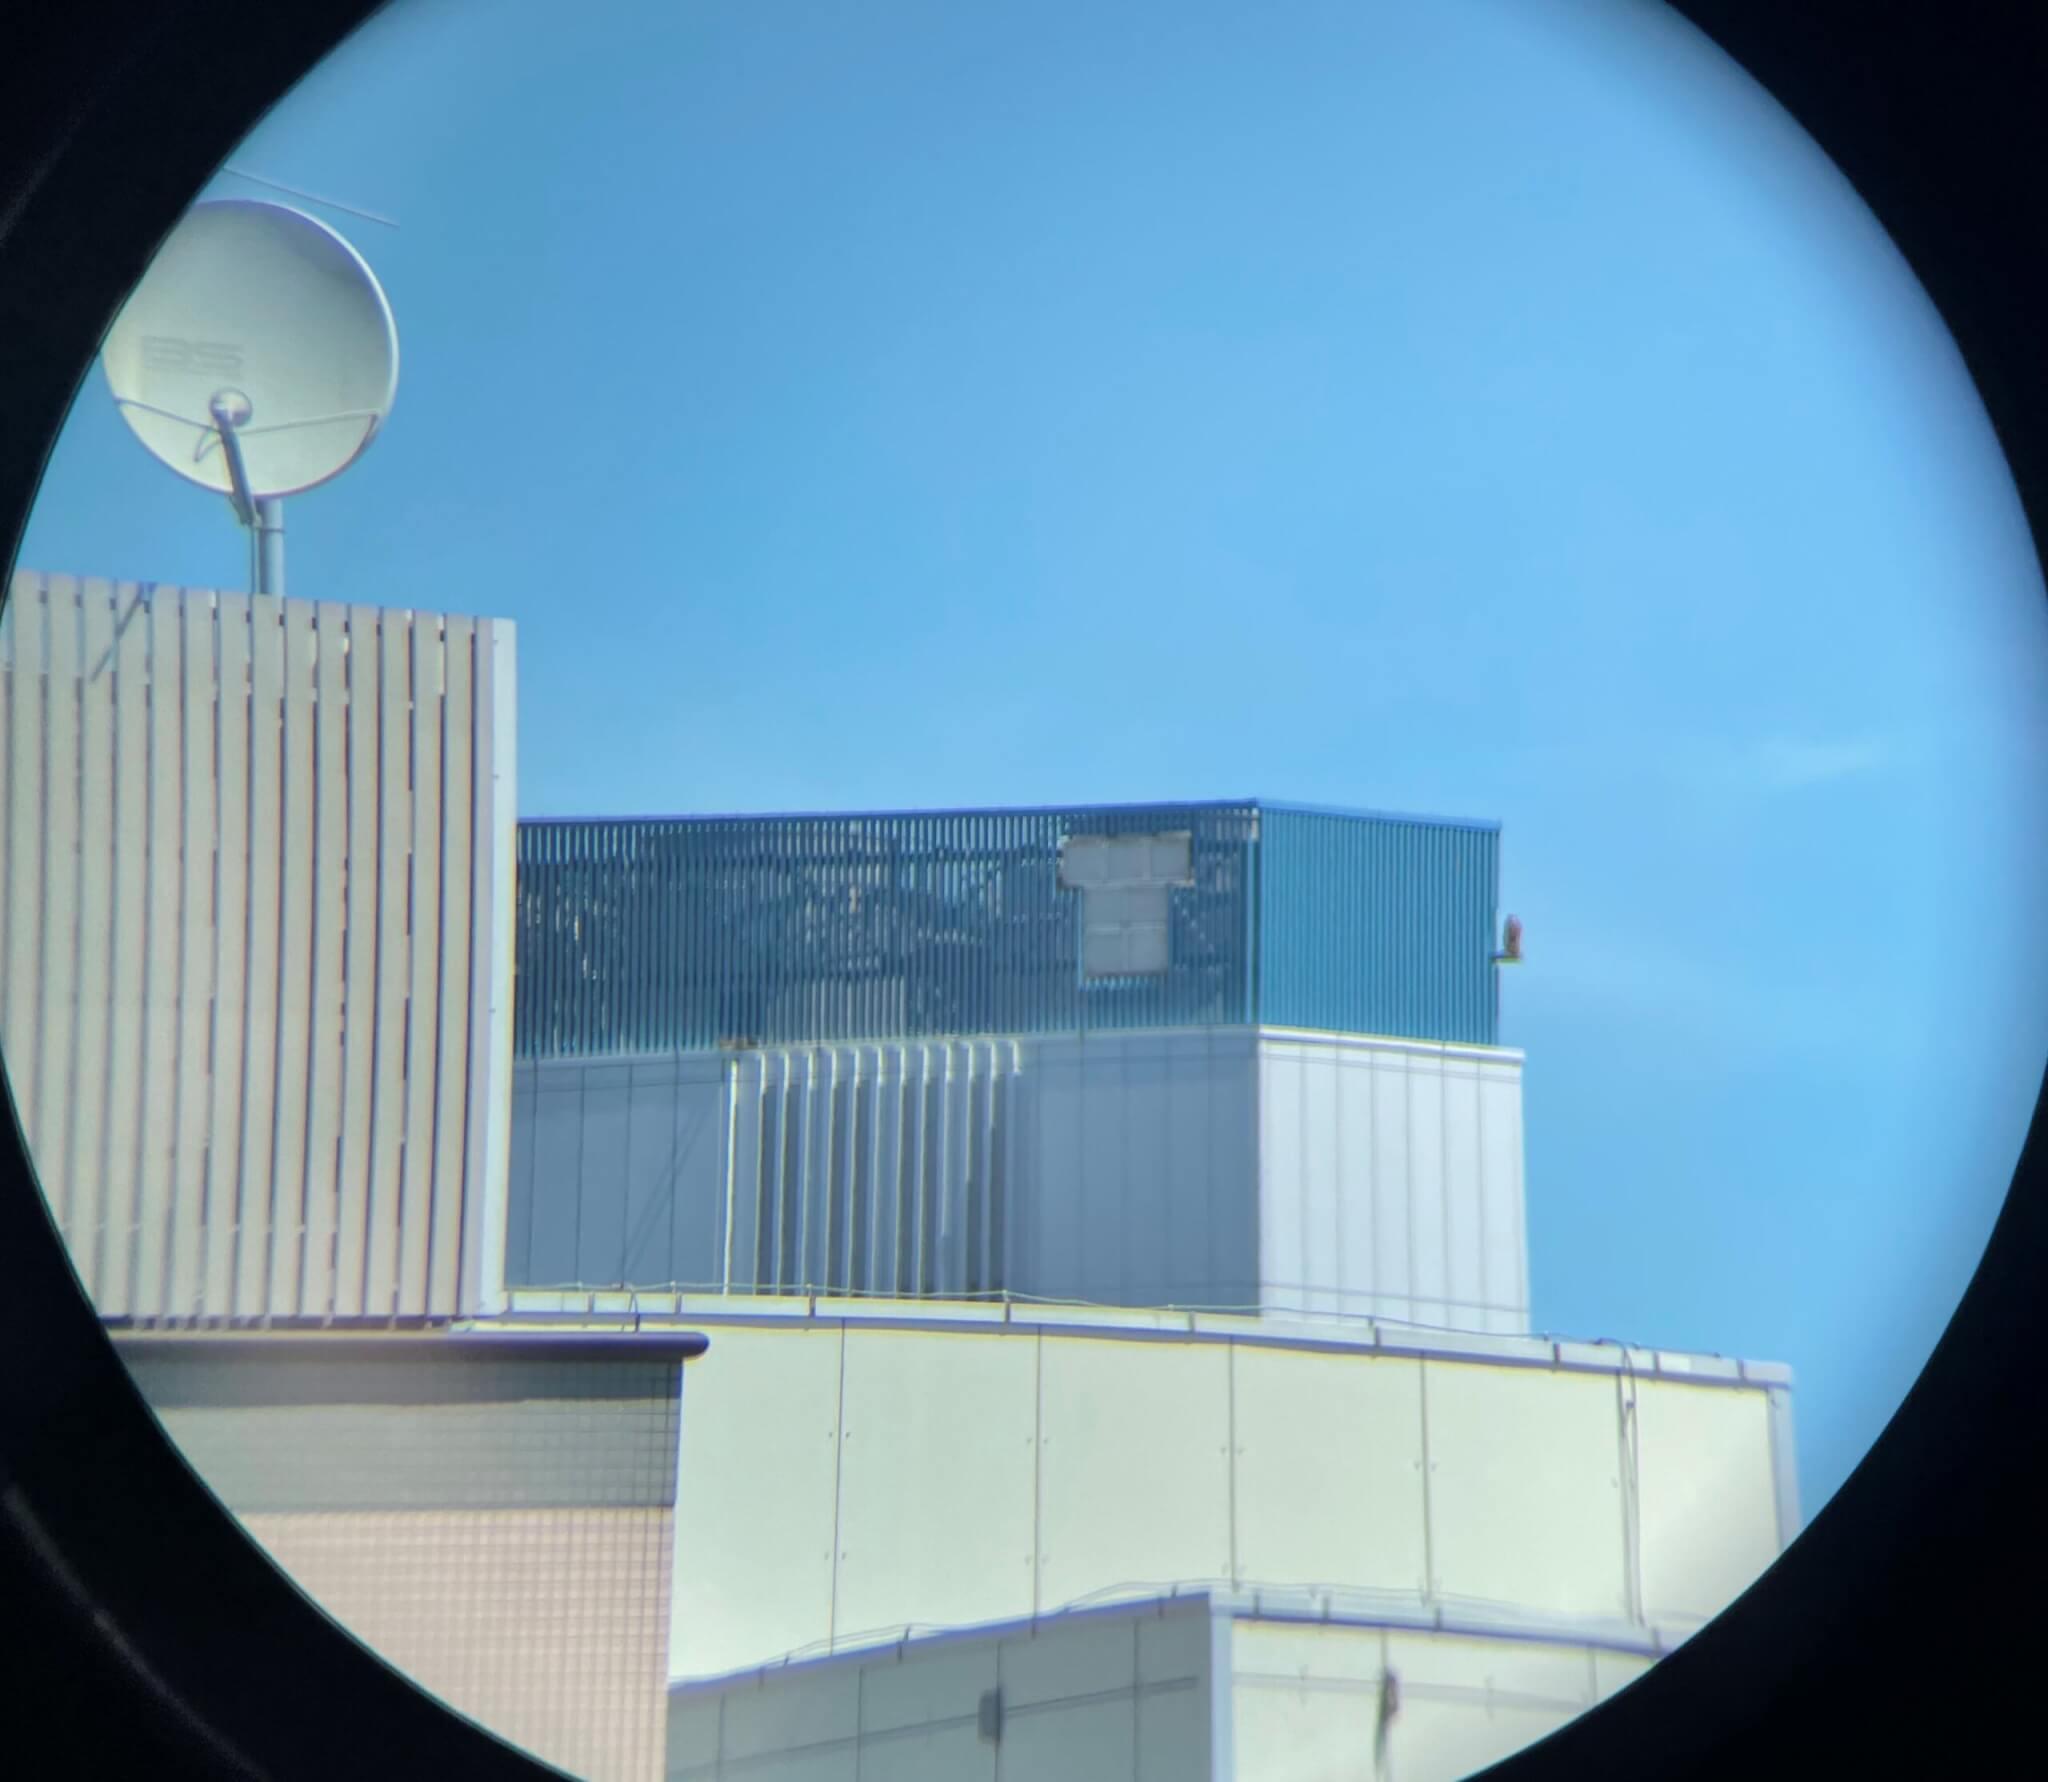 実際に「Travel Scope 80 with BP & SPH」で観測をしてみた レンズごとの実際の写真 接眼レンズ20mm(20倍)